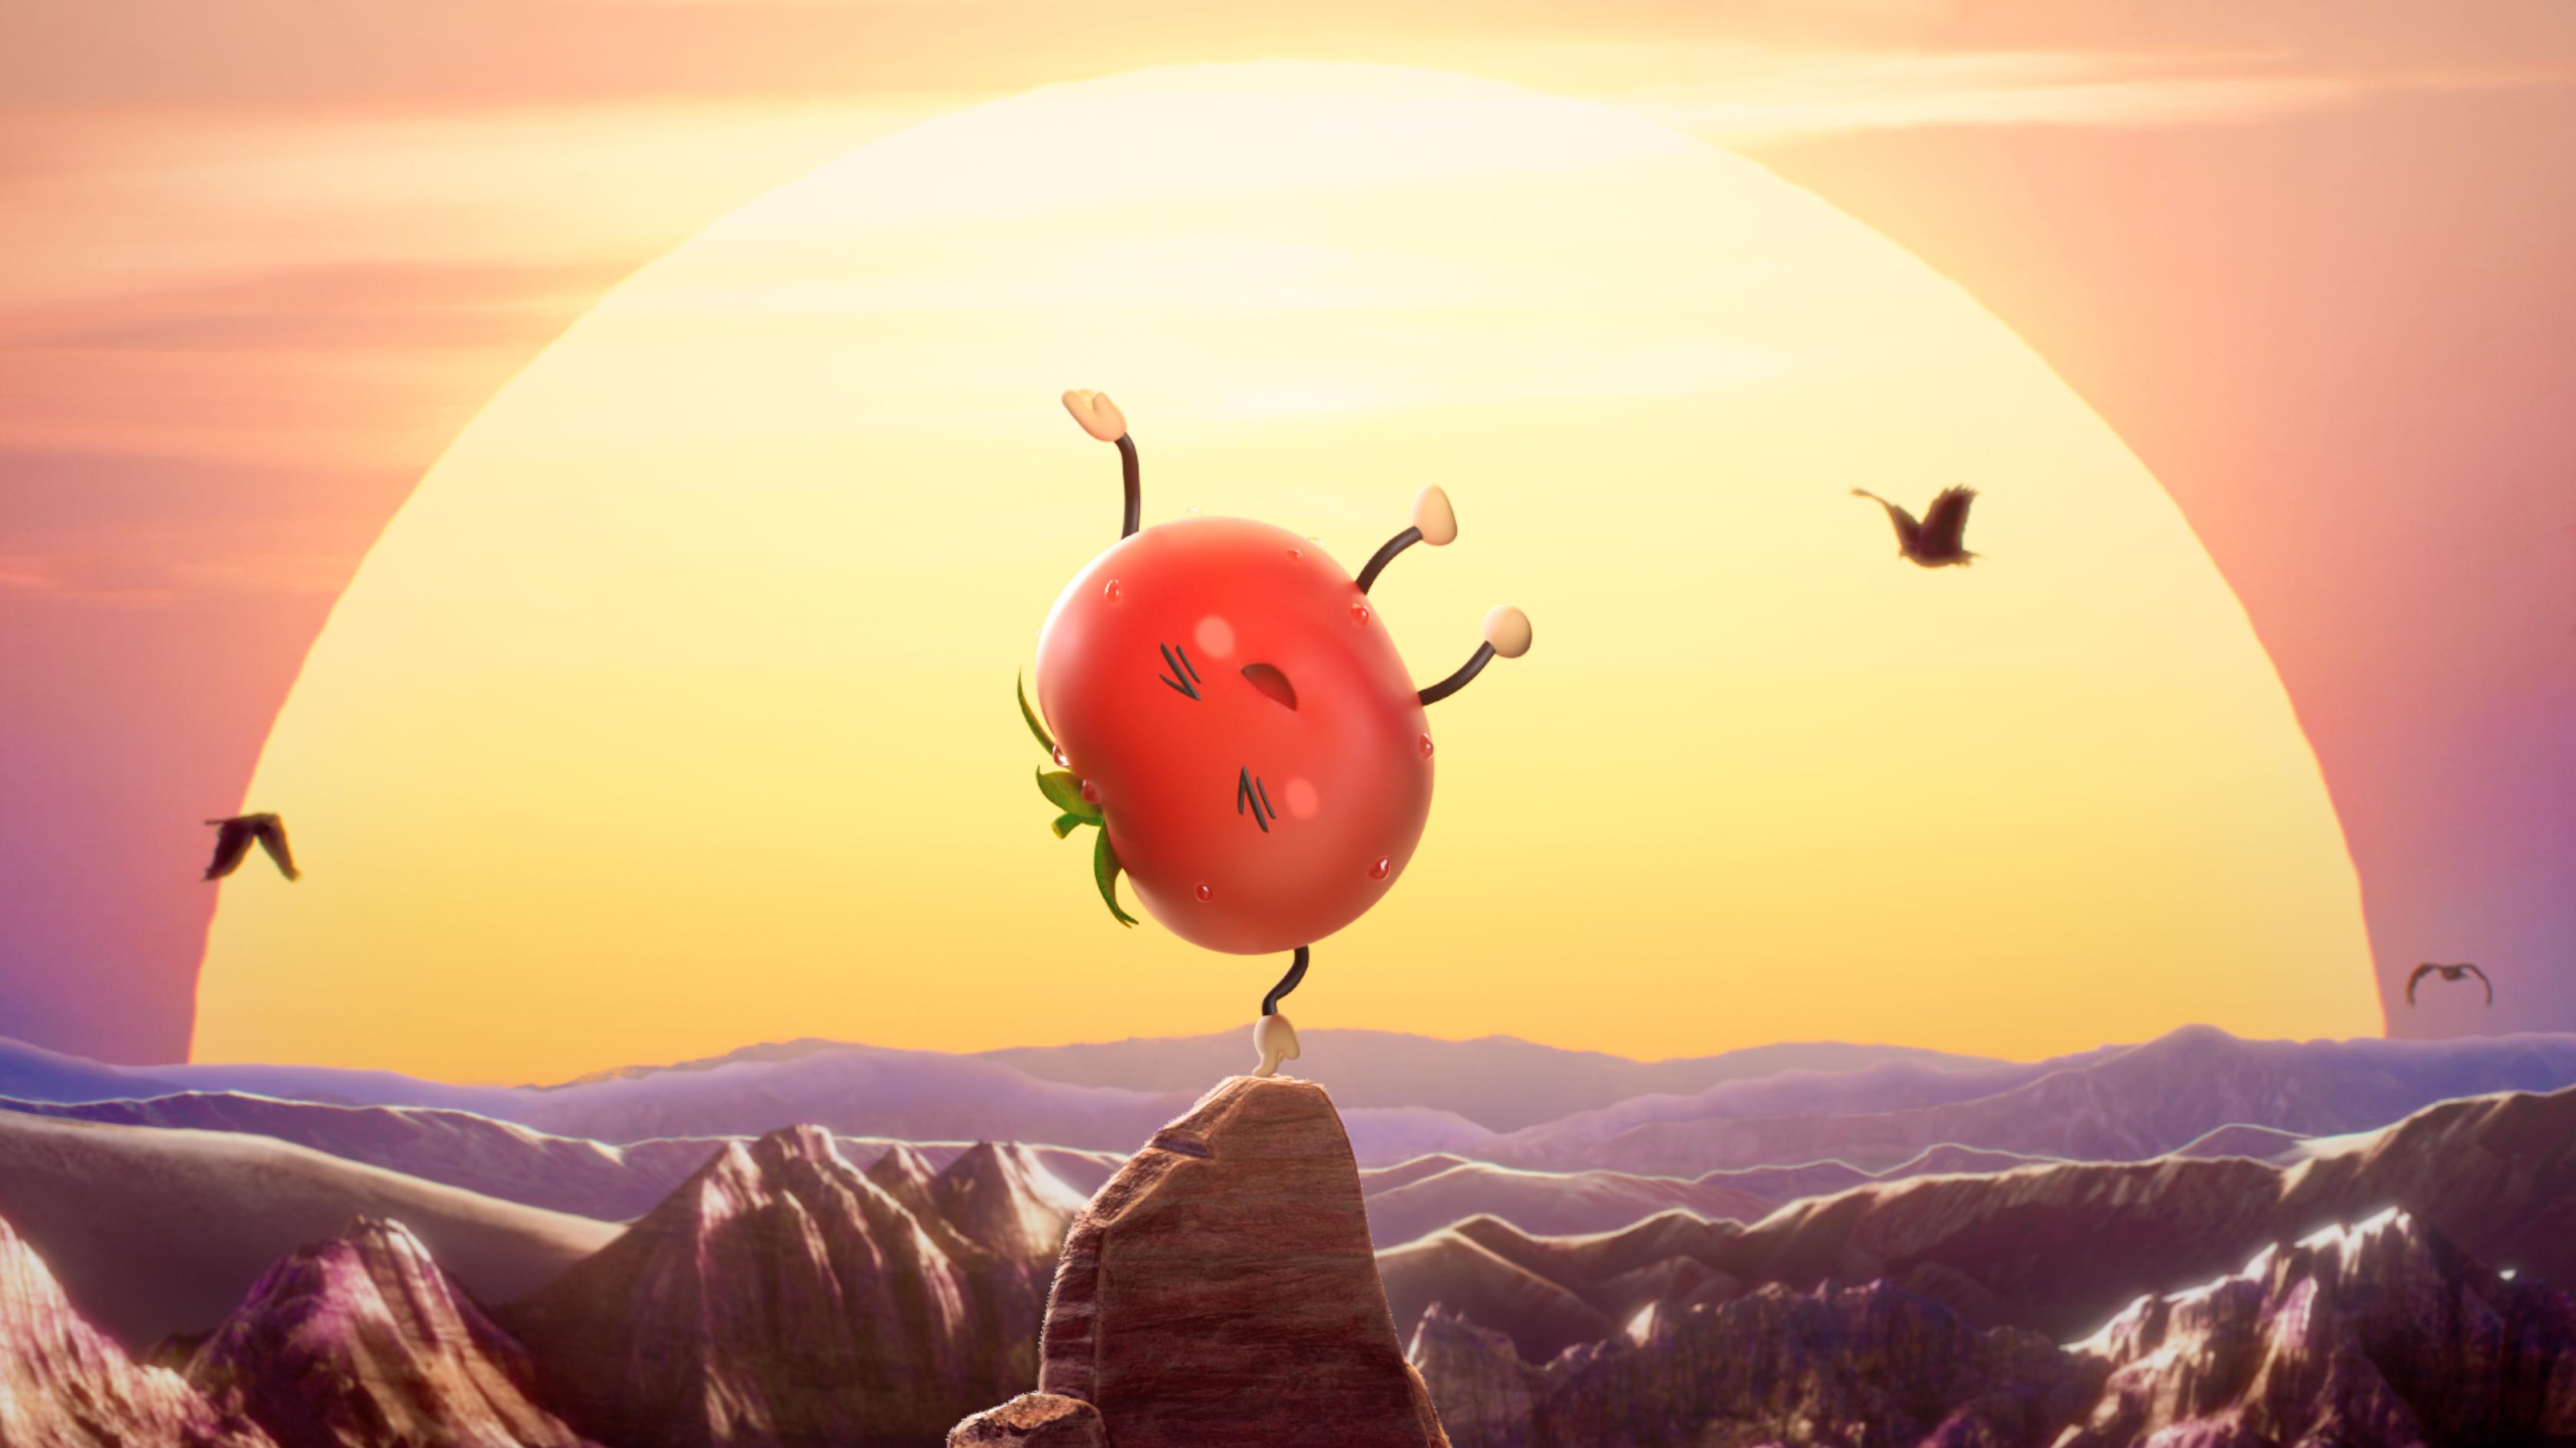 Tomato King_1